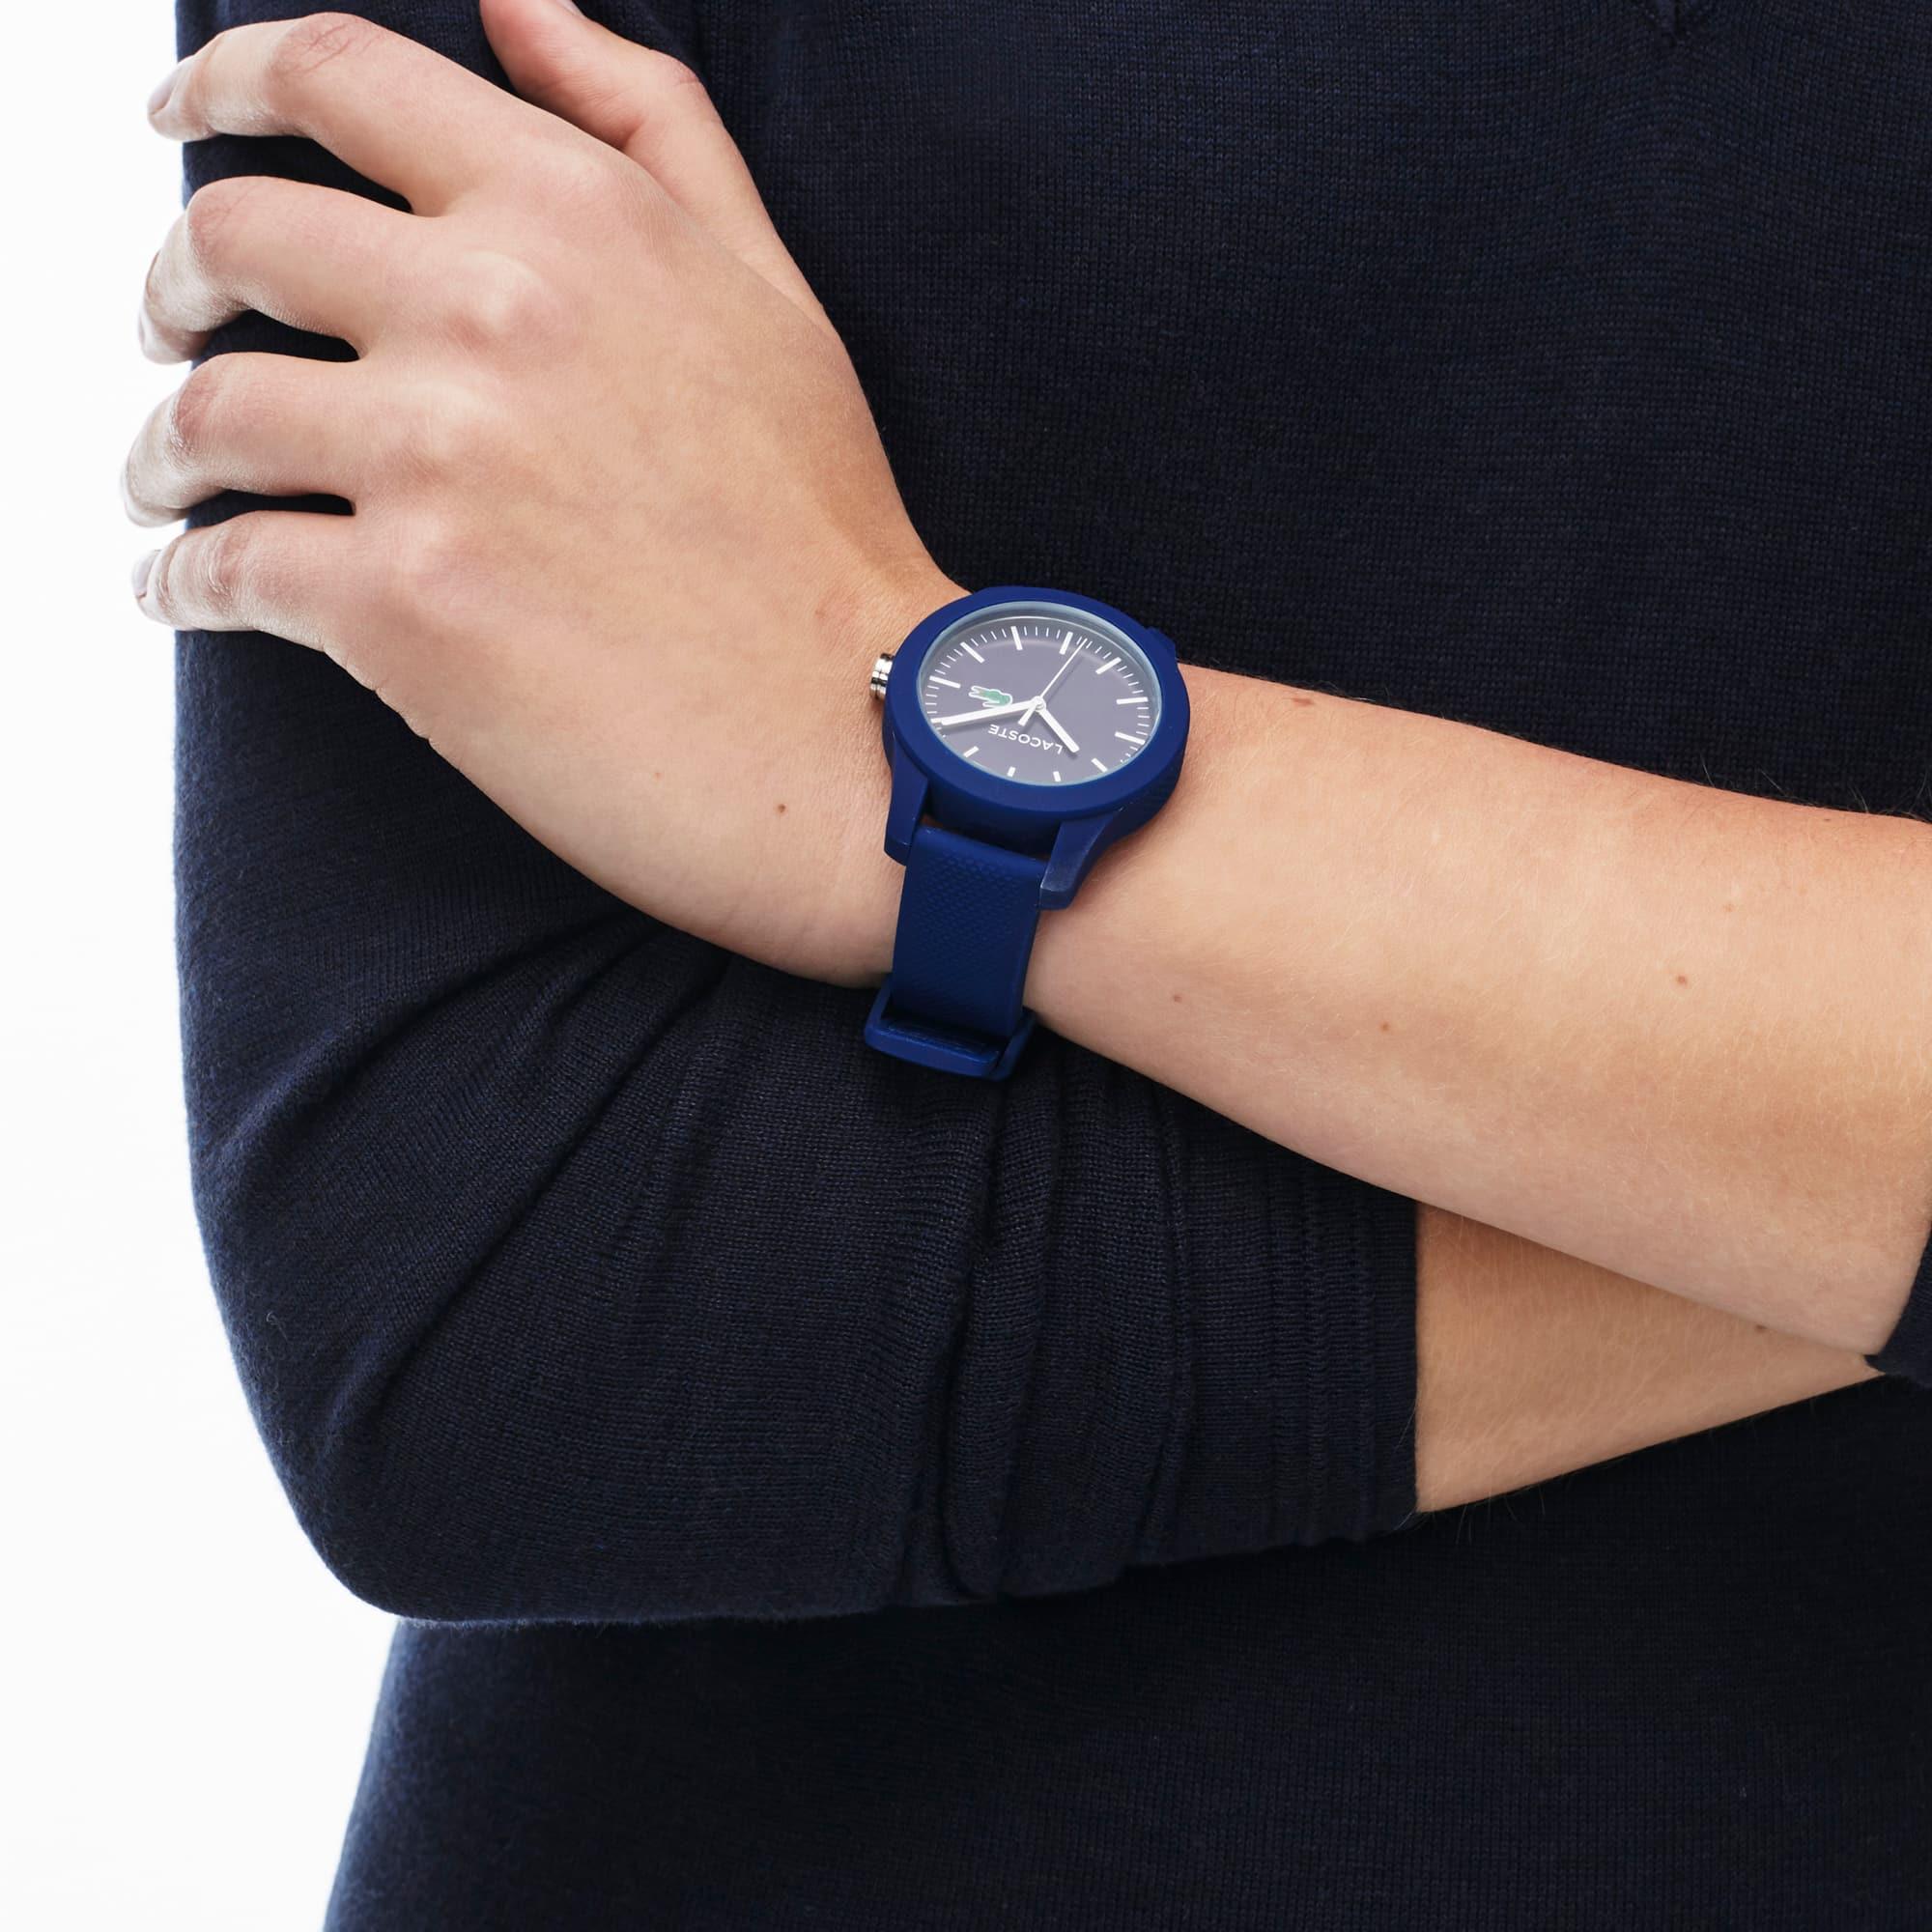 LACOSTE 12.12 Damenuhr mit blauem Silikonband